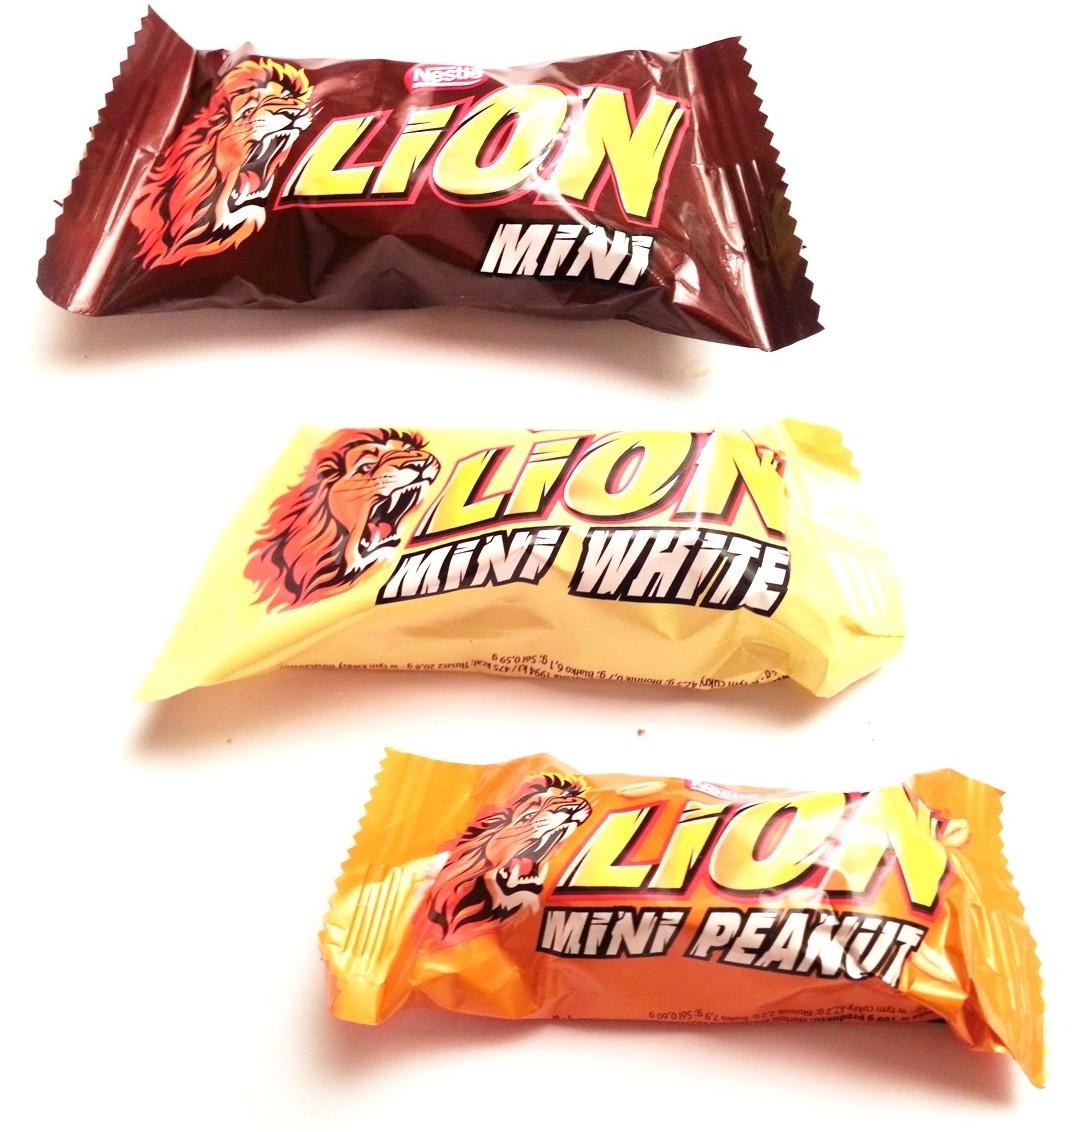 Nestle, Lion w kakaowej polewie, white, peanut